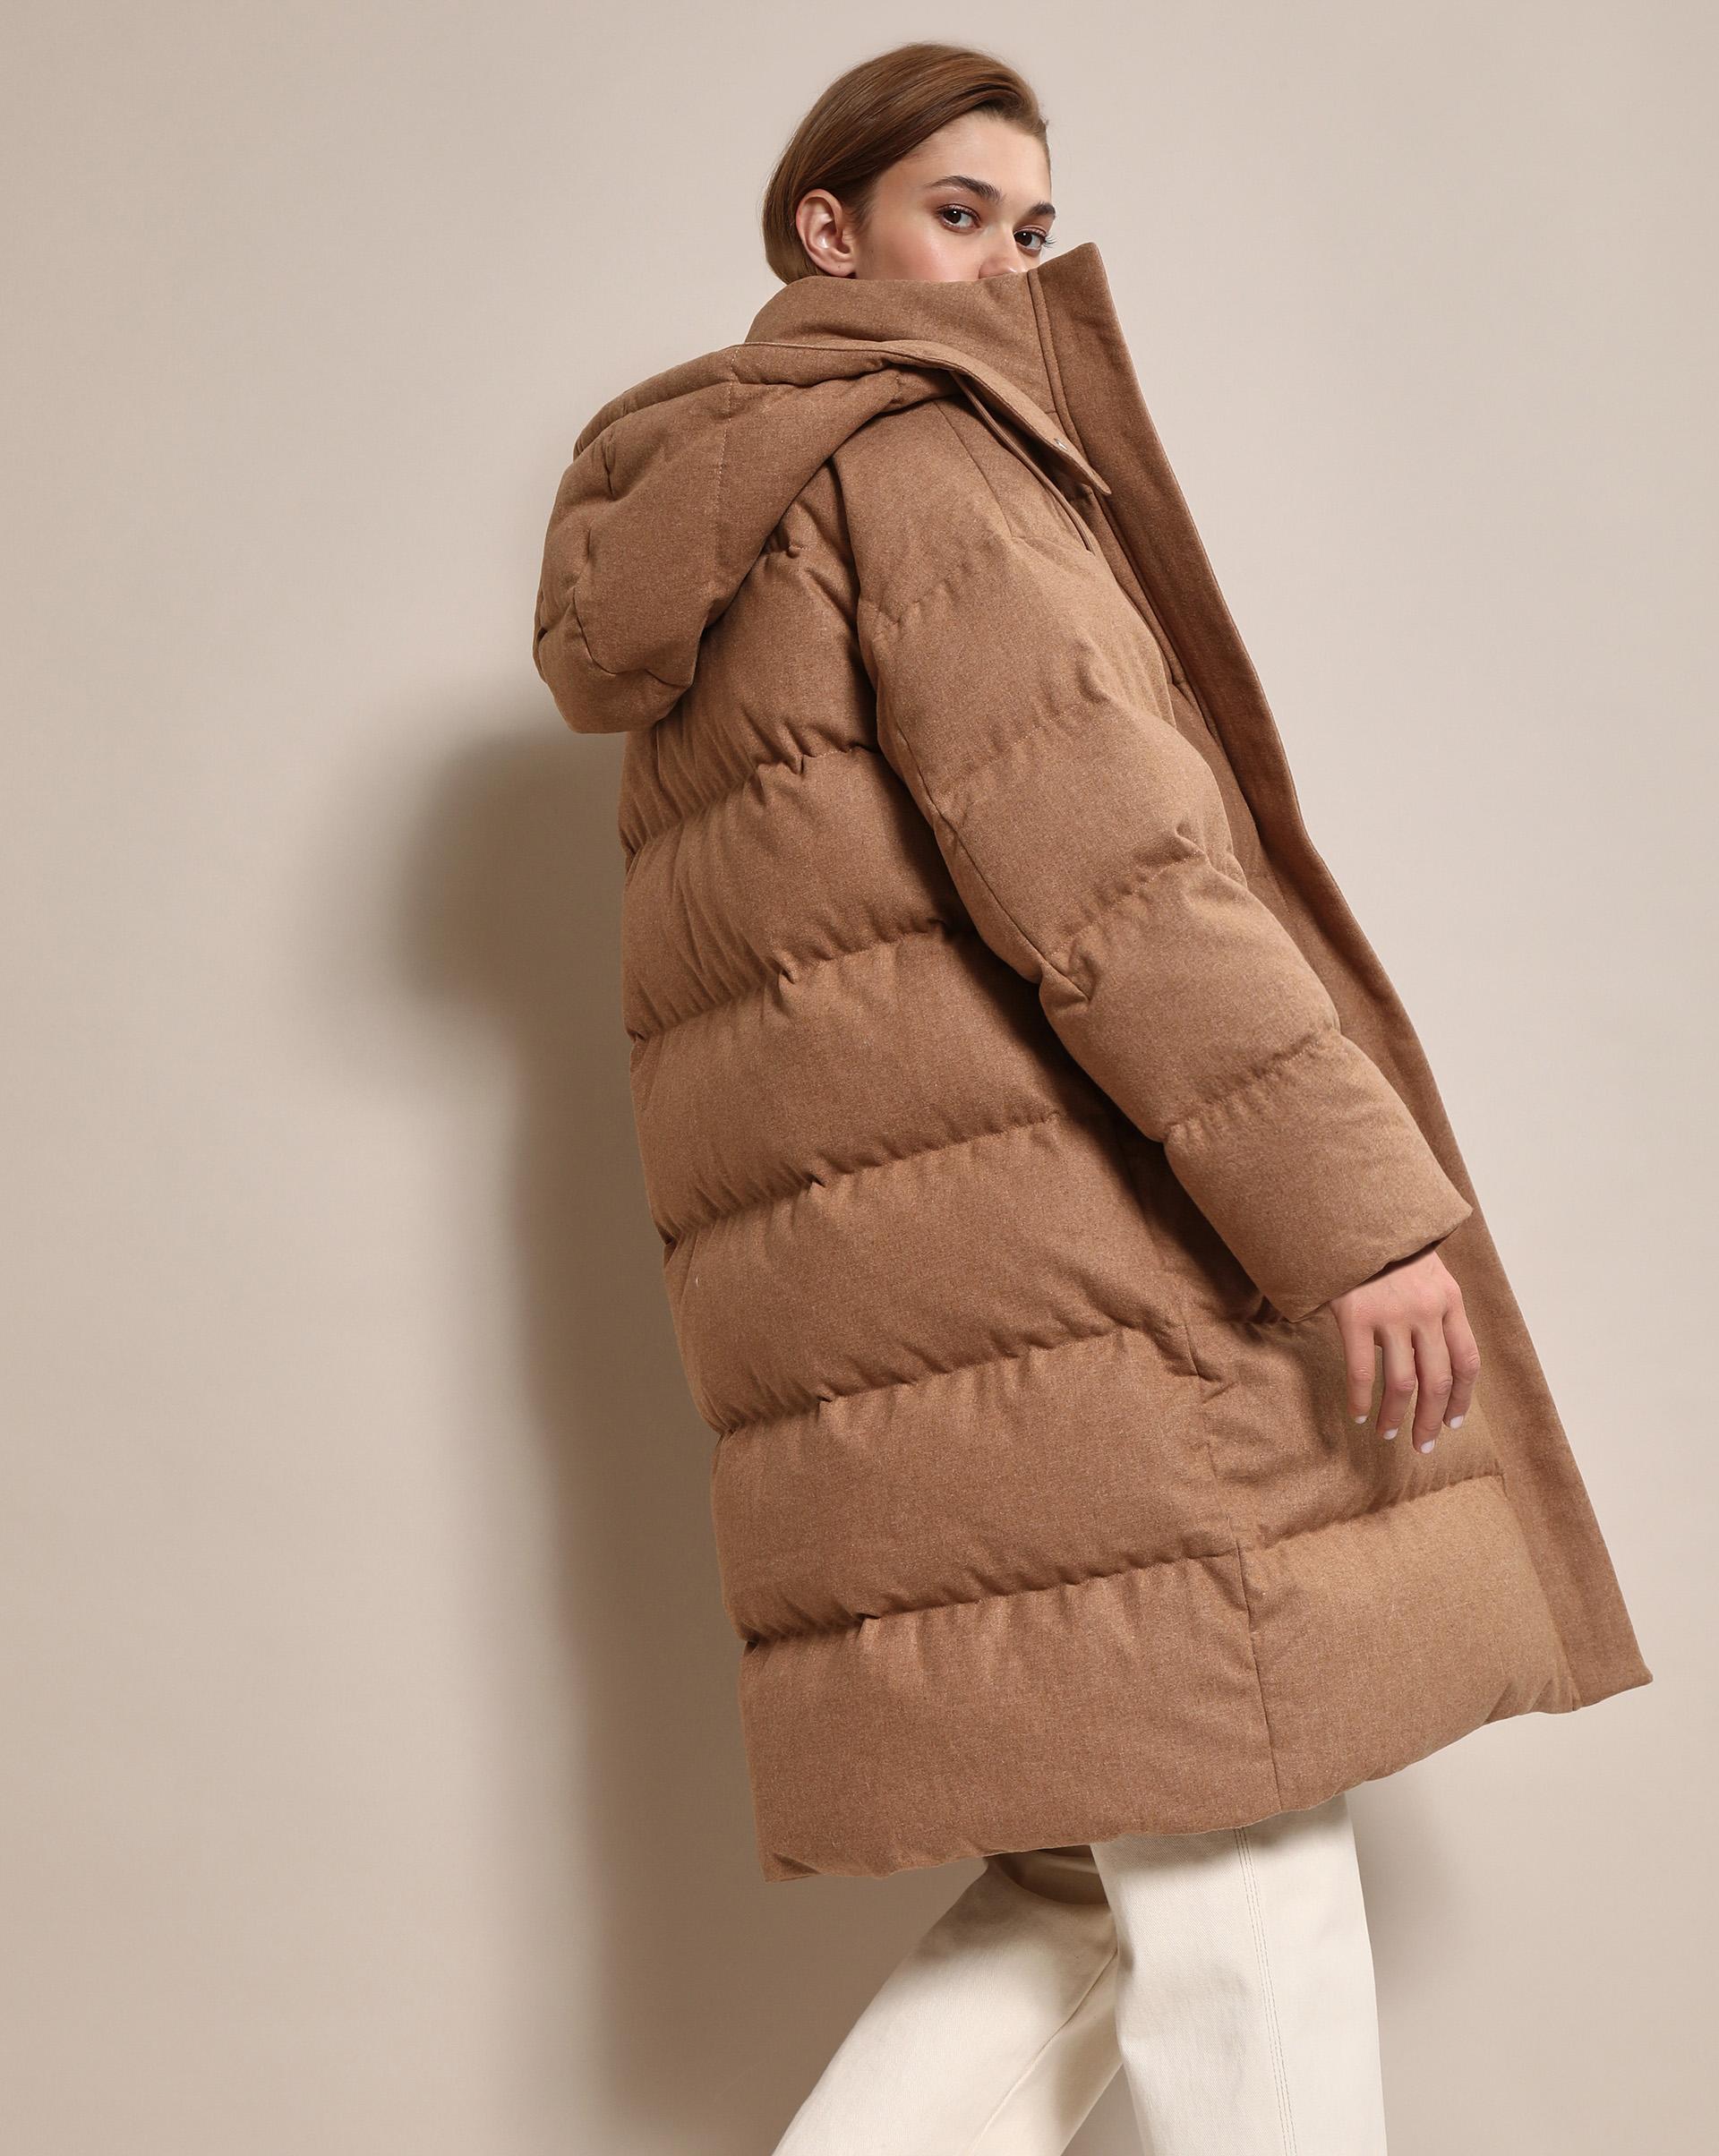 12⠀STOREEZ Стеганое пальто из шерсти с капюшоном 12⠀storeez пальто стеганое